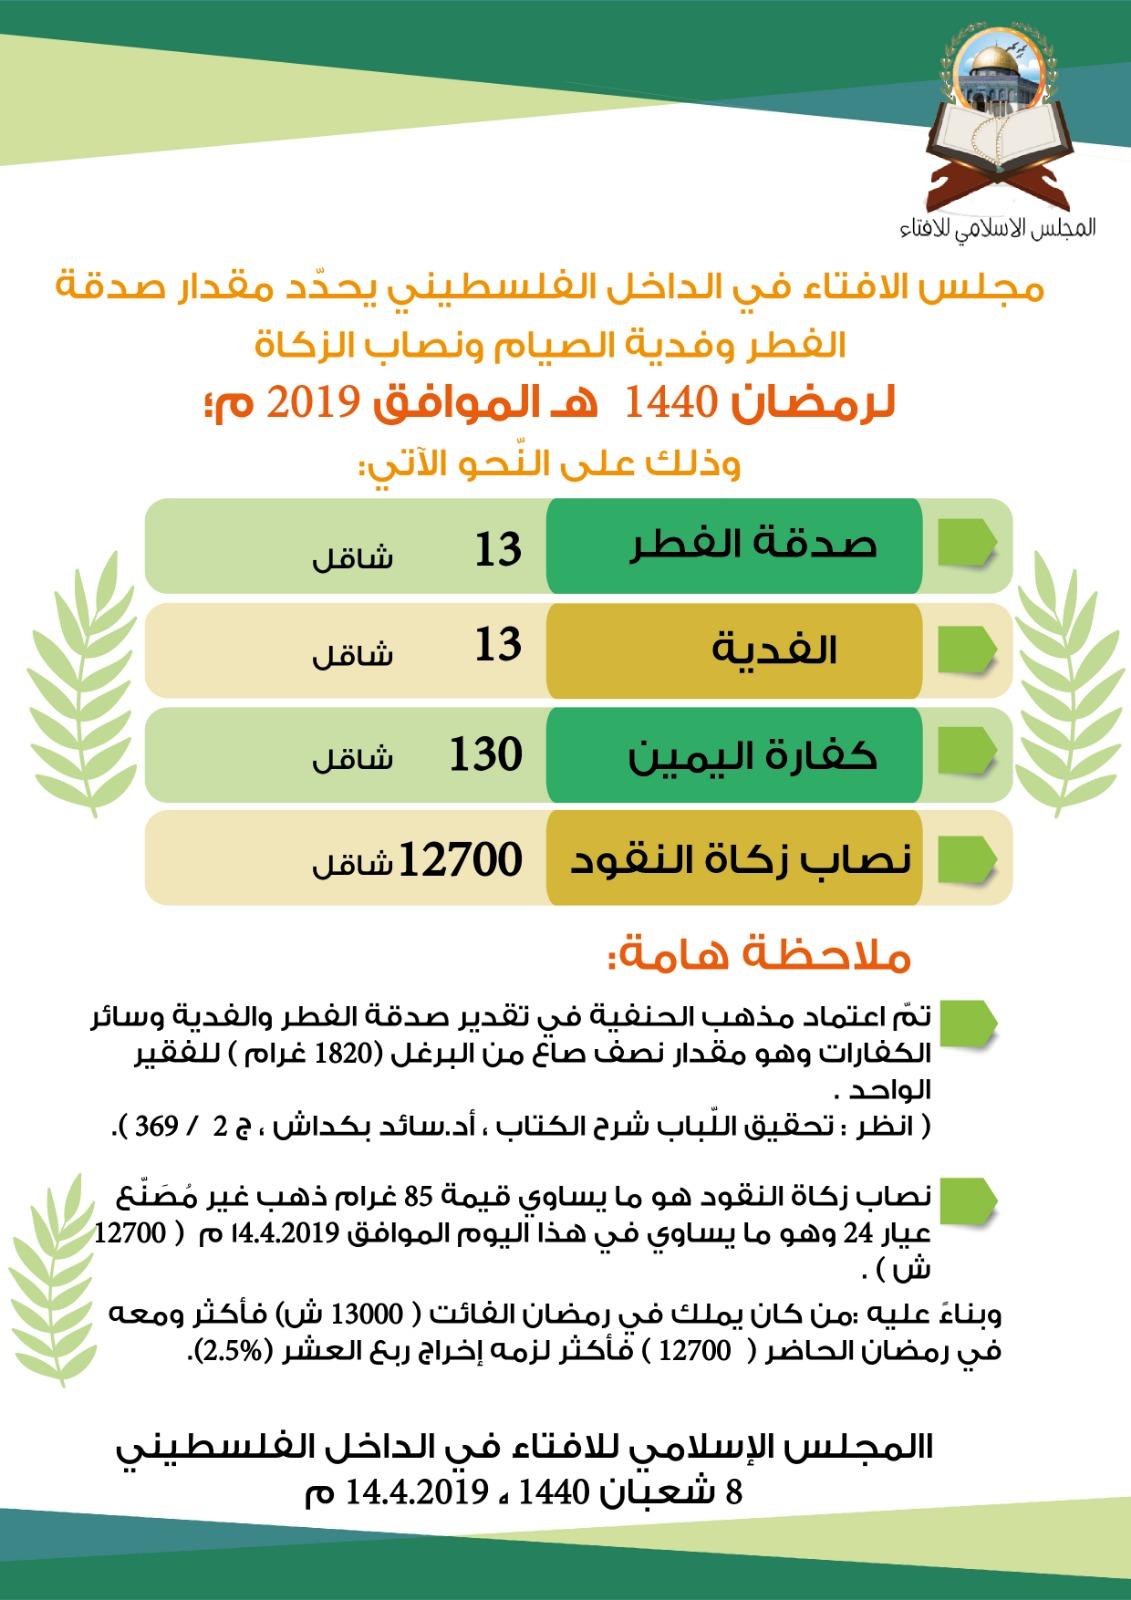 جمعية يافا للاغاثة الانسانية: الاعلان عن نصاب الزكاة لعام 1440 هـ - 2019 م